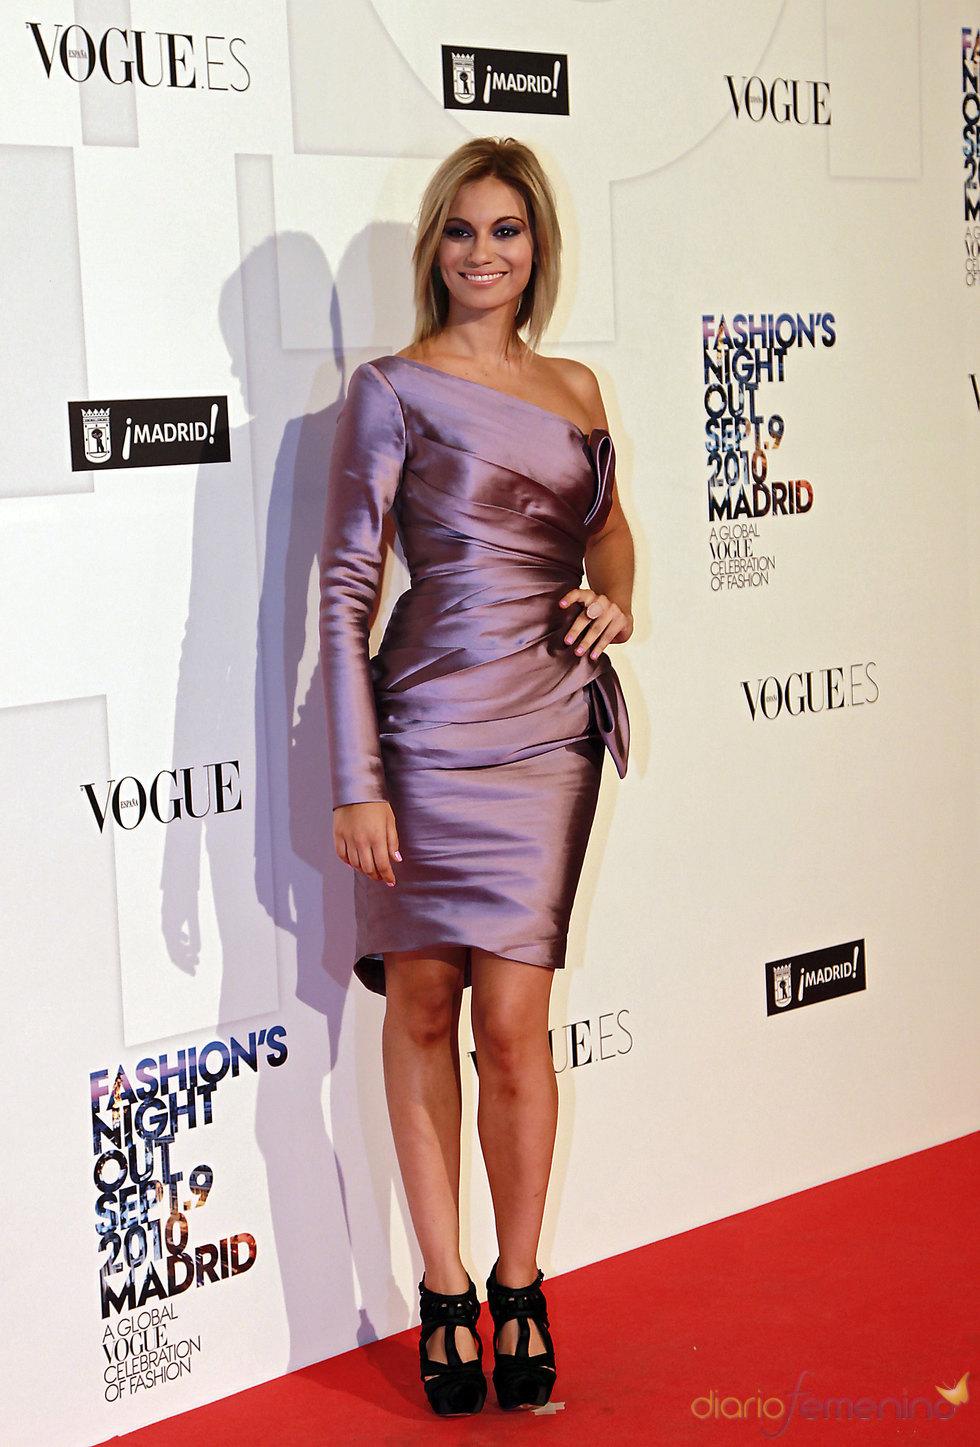 Norma Ruiz en la Noche de Vogue en Madrid